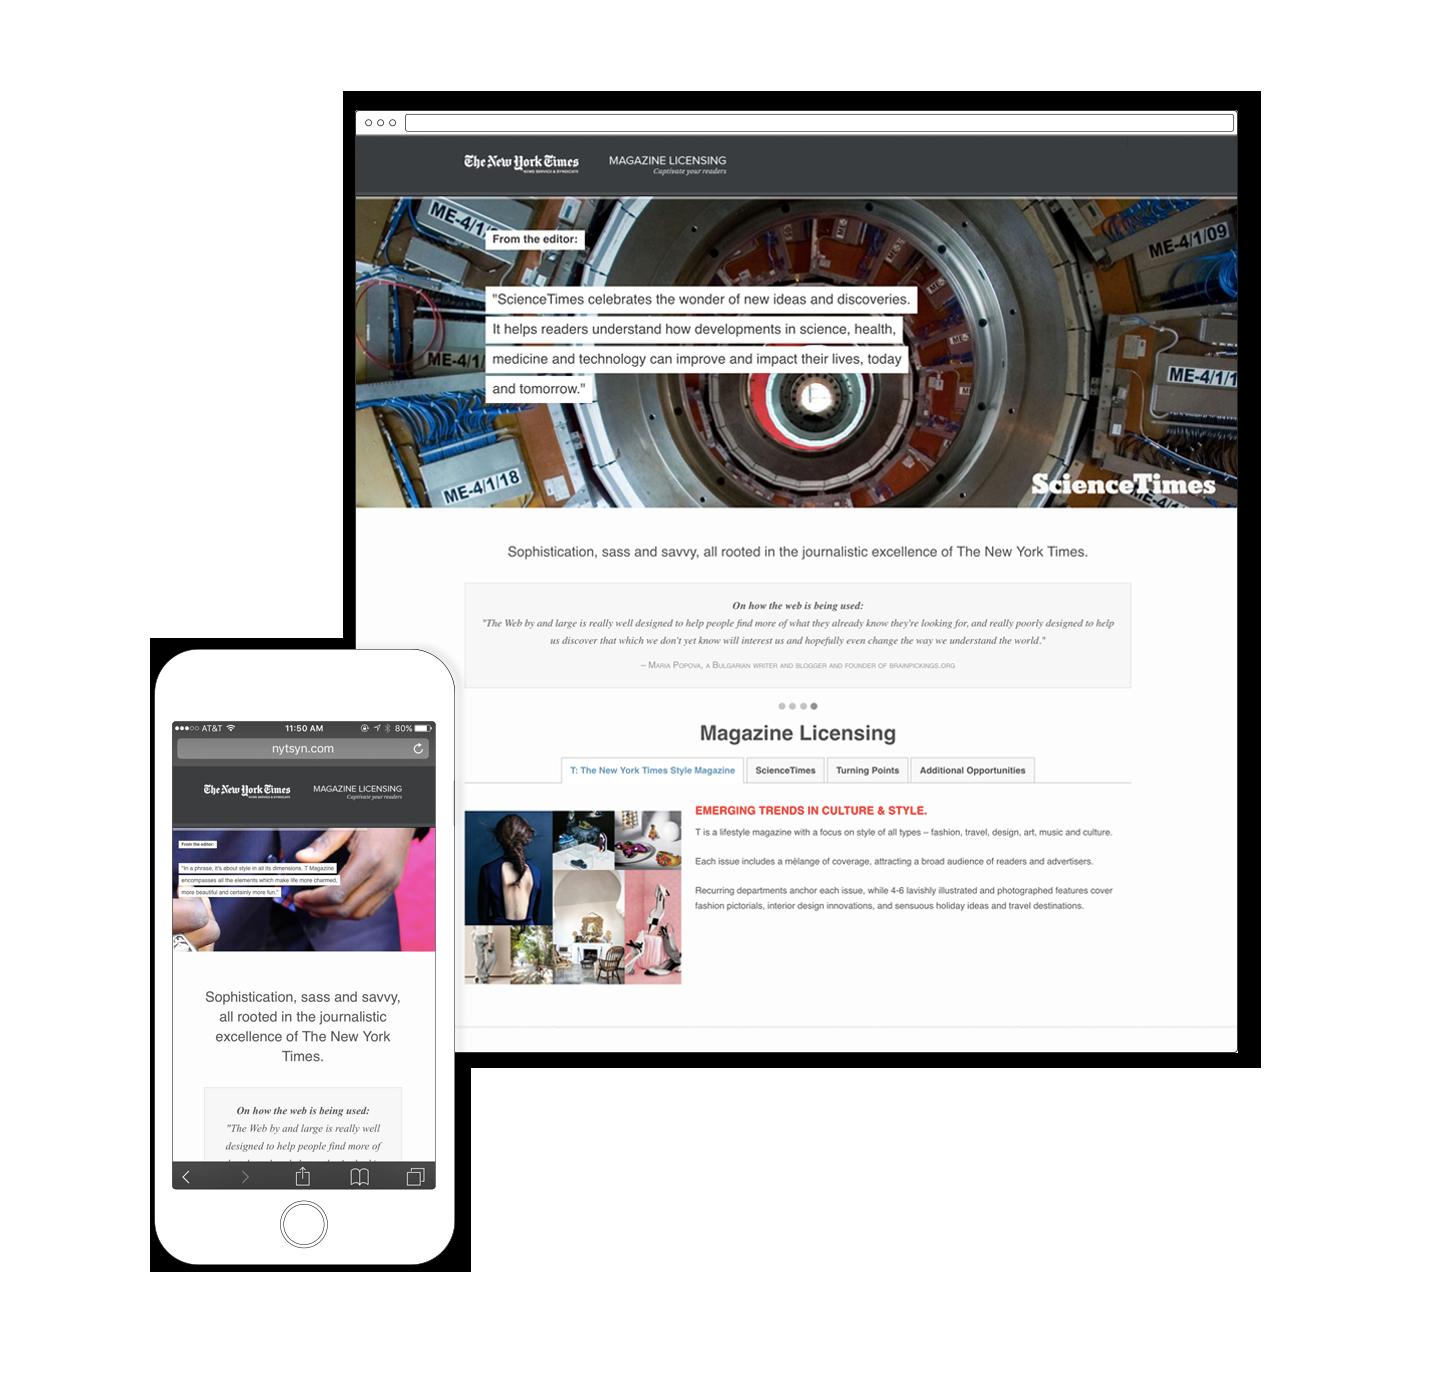 candelita-nytsyn-licensing-magazine-landing-page